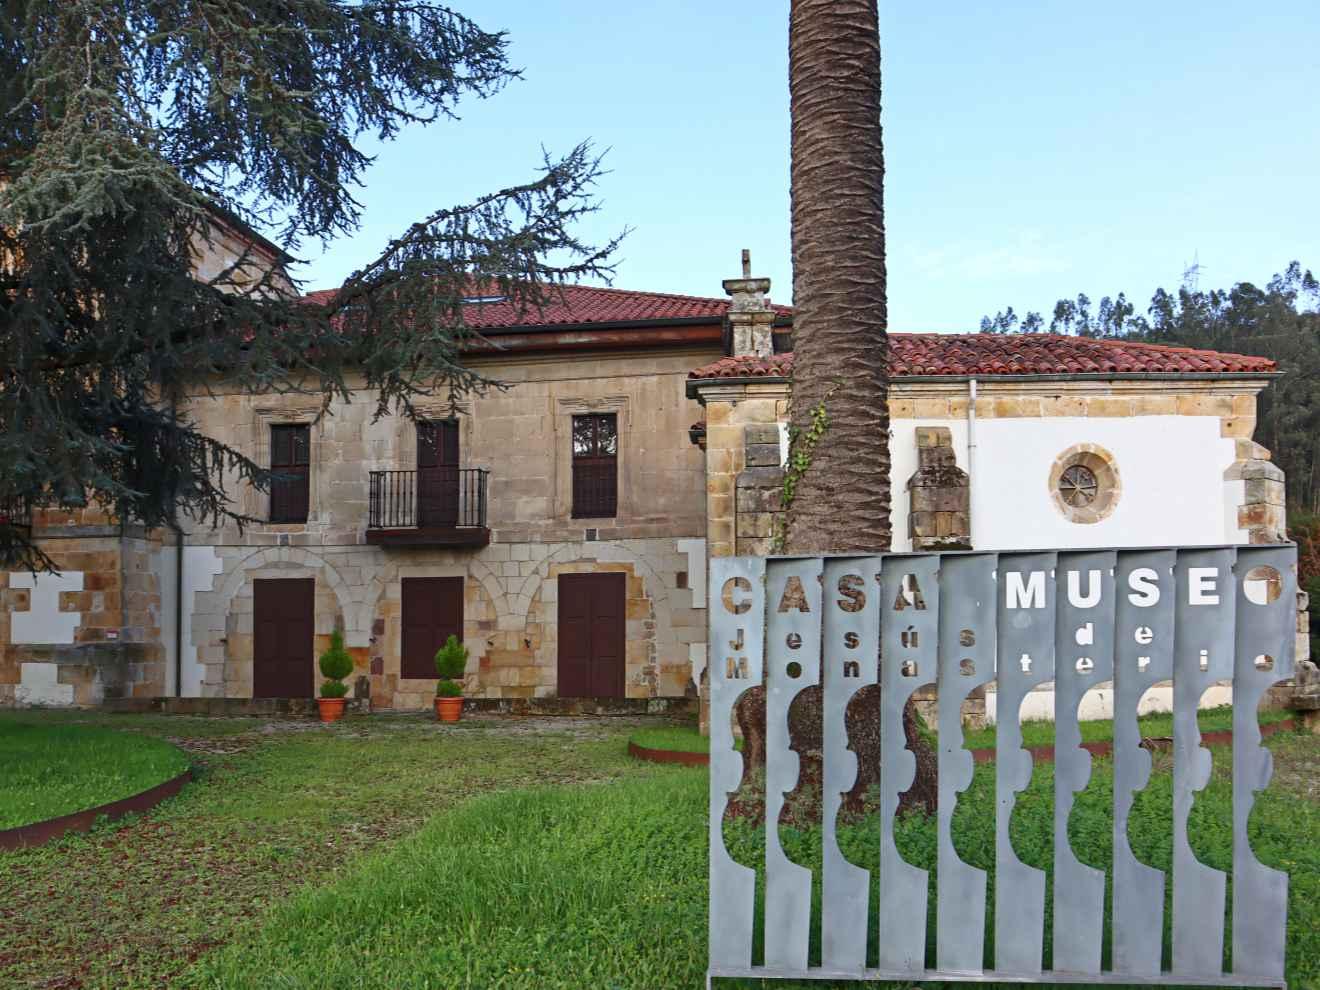 Casa museo de Jesús de Monasterio